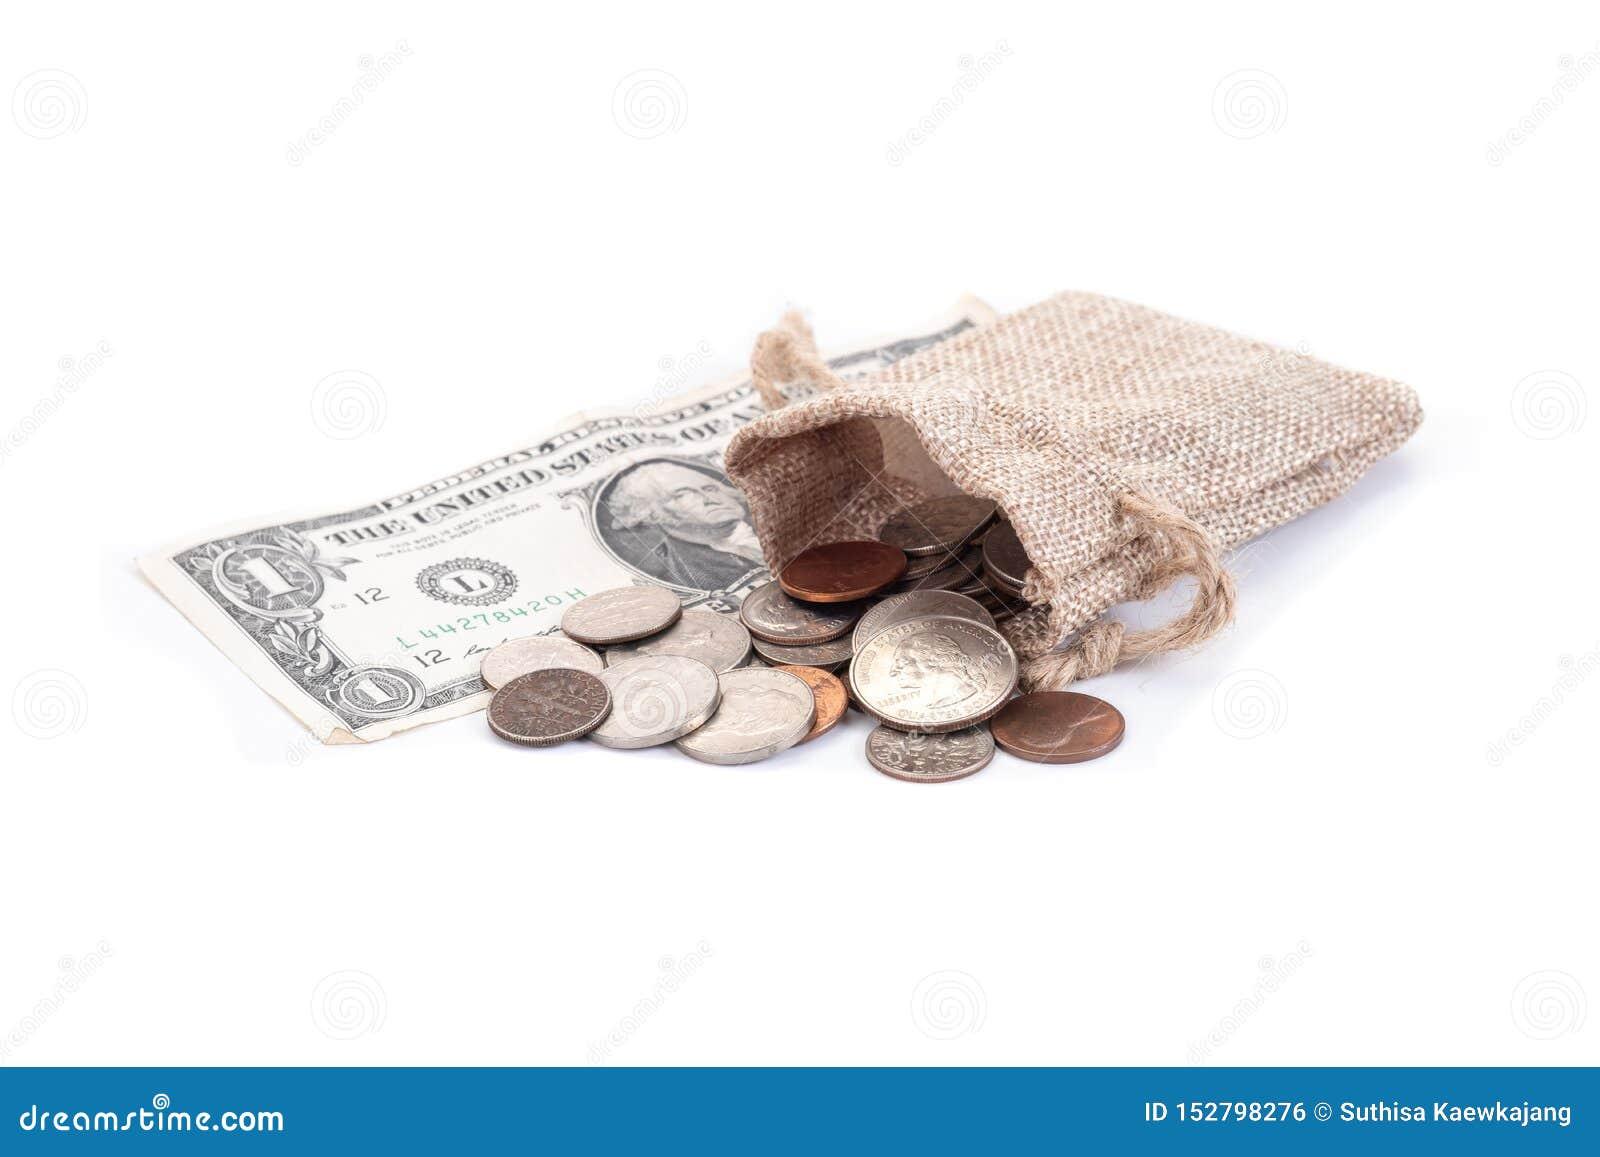 Dinheiro, cédulas dos dólares americanos, moeda de um centavo, níquel, moeda de dez centavos, quarto em um fundo branco